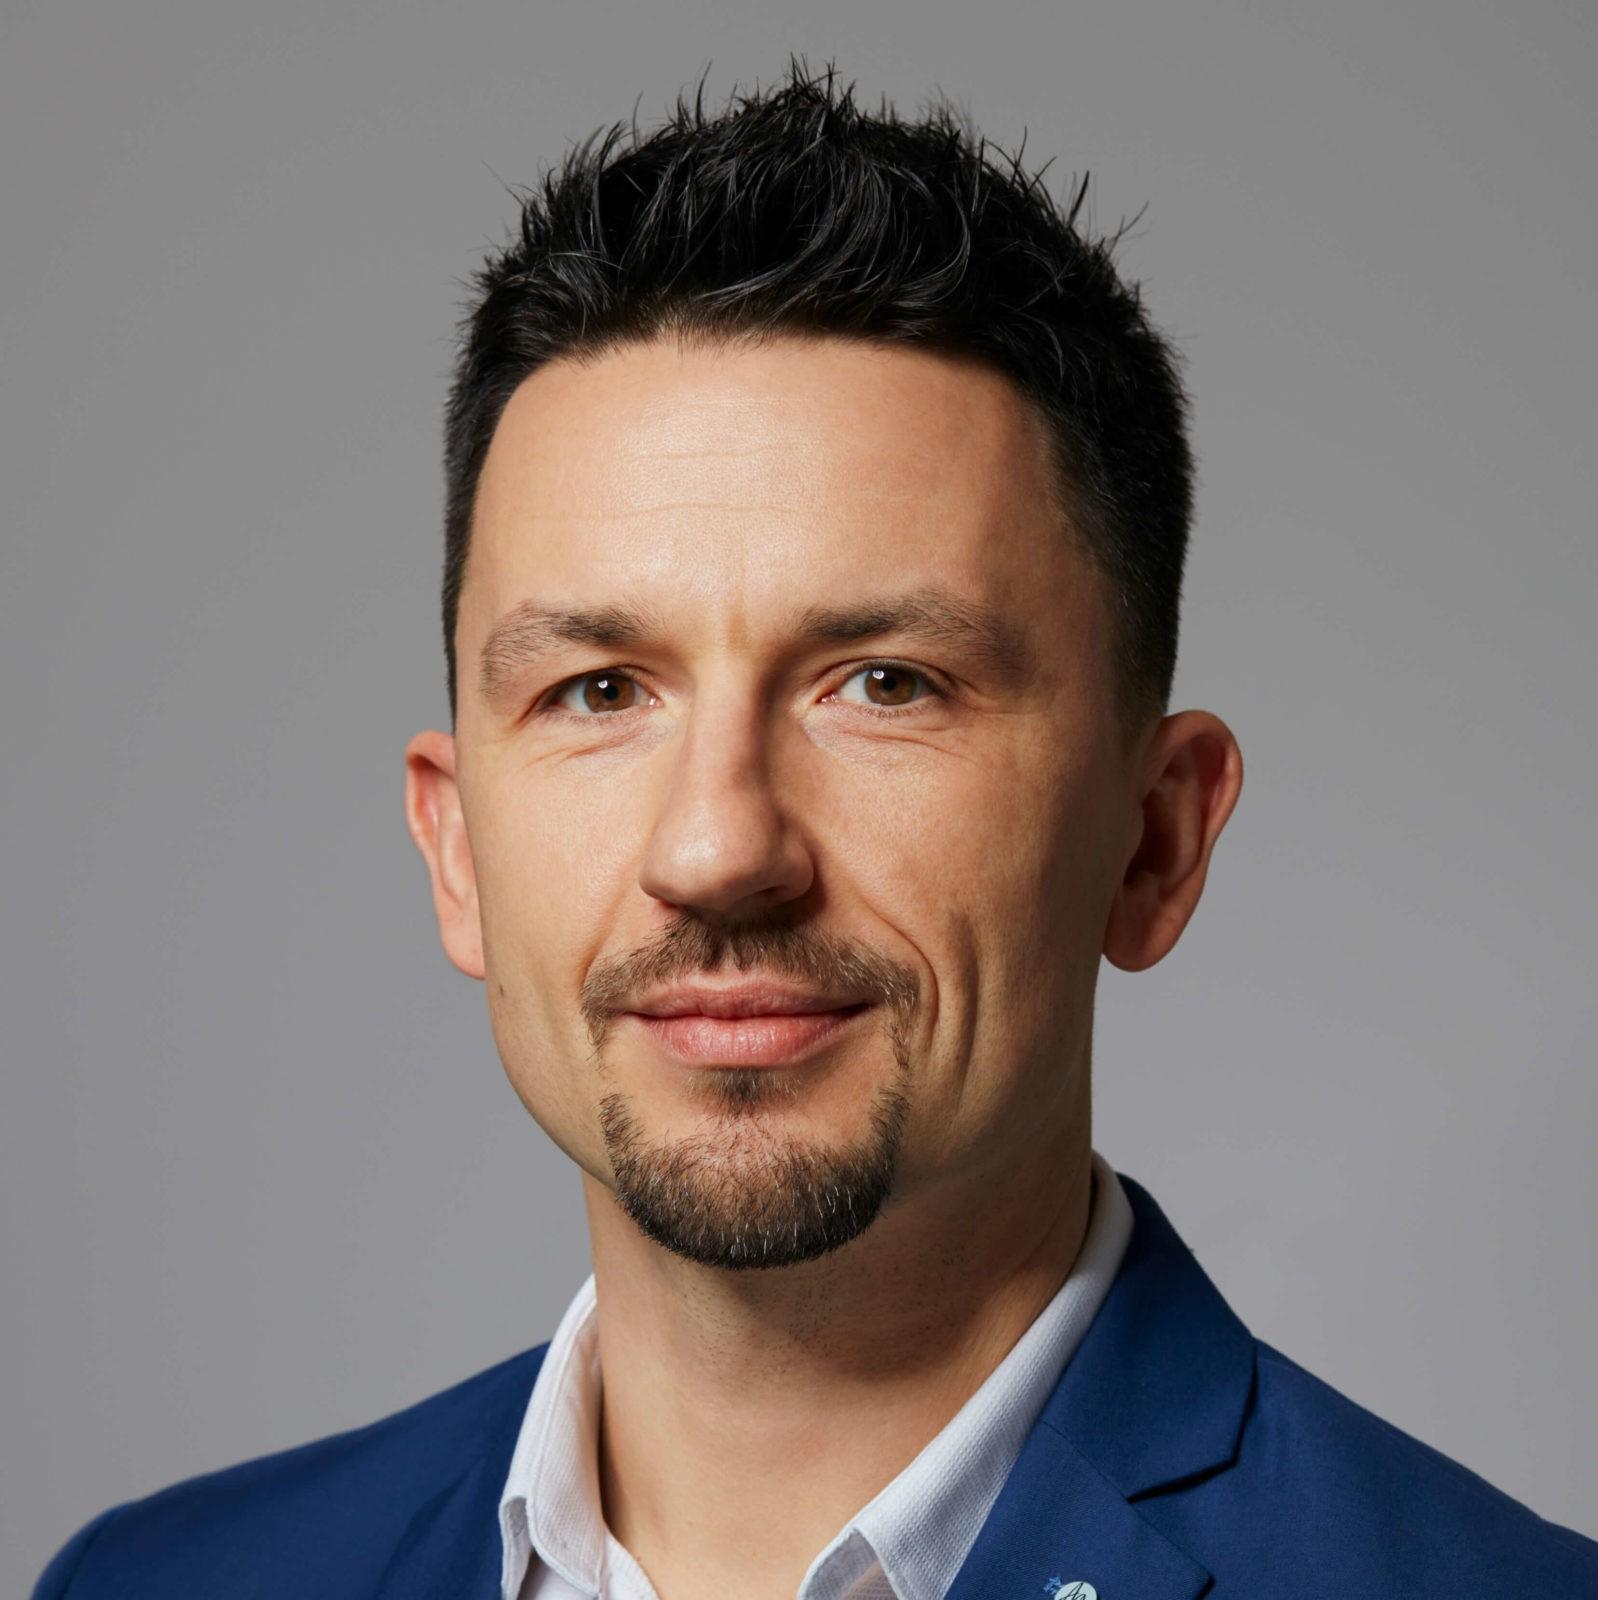 Michał Żelichowski